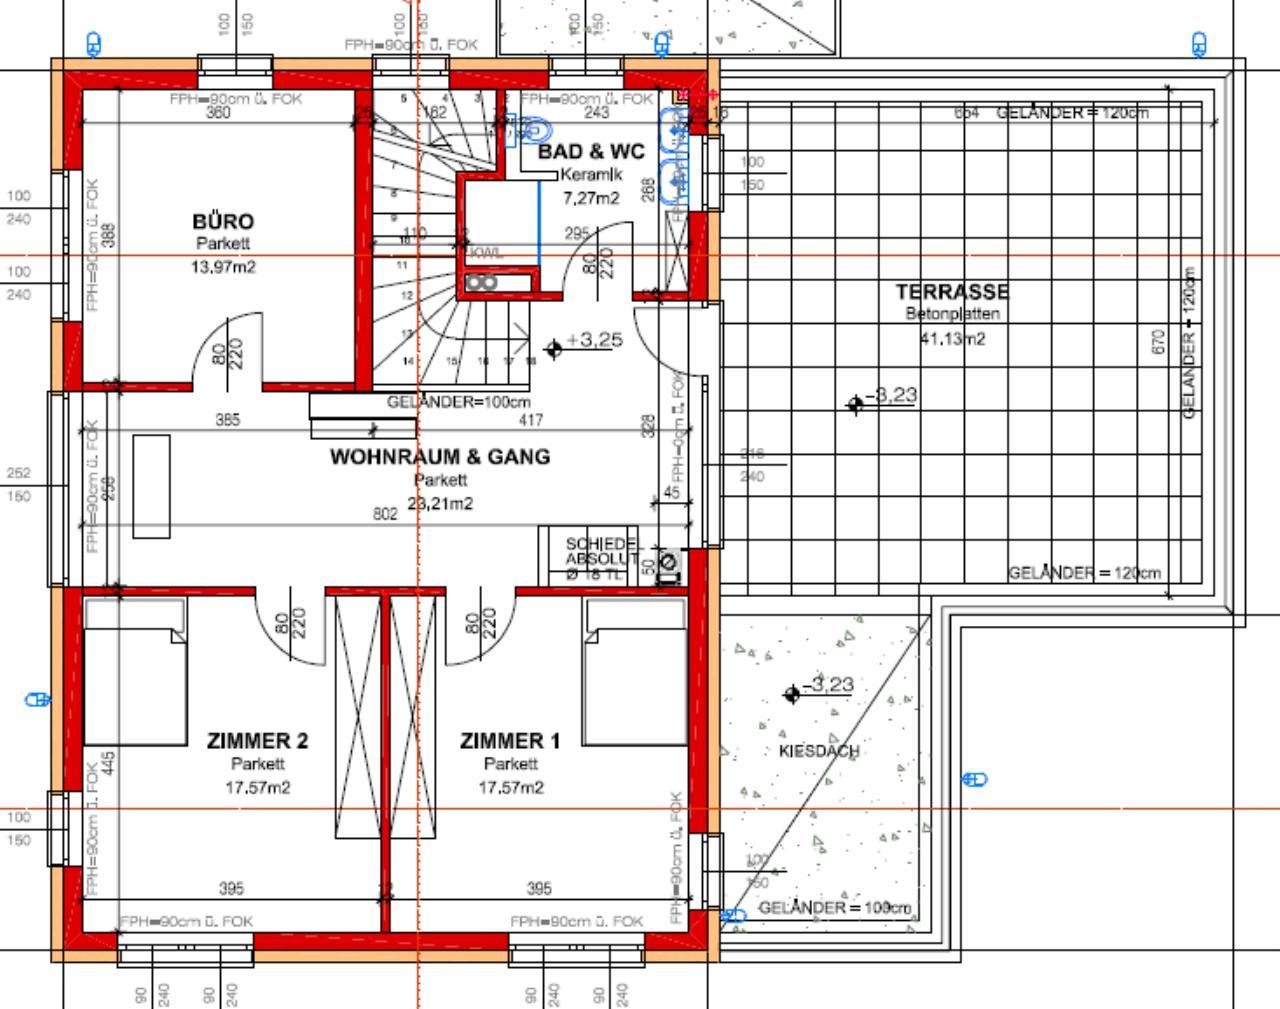 Energiekennzahl senken, Vorschläge | Energieforum auf energiesparhaus.at